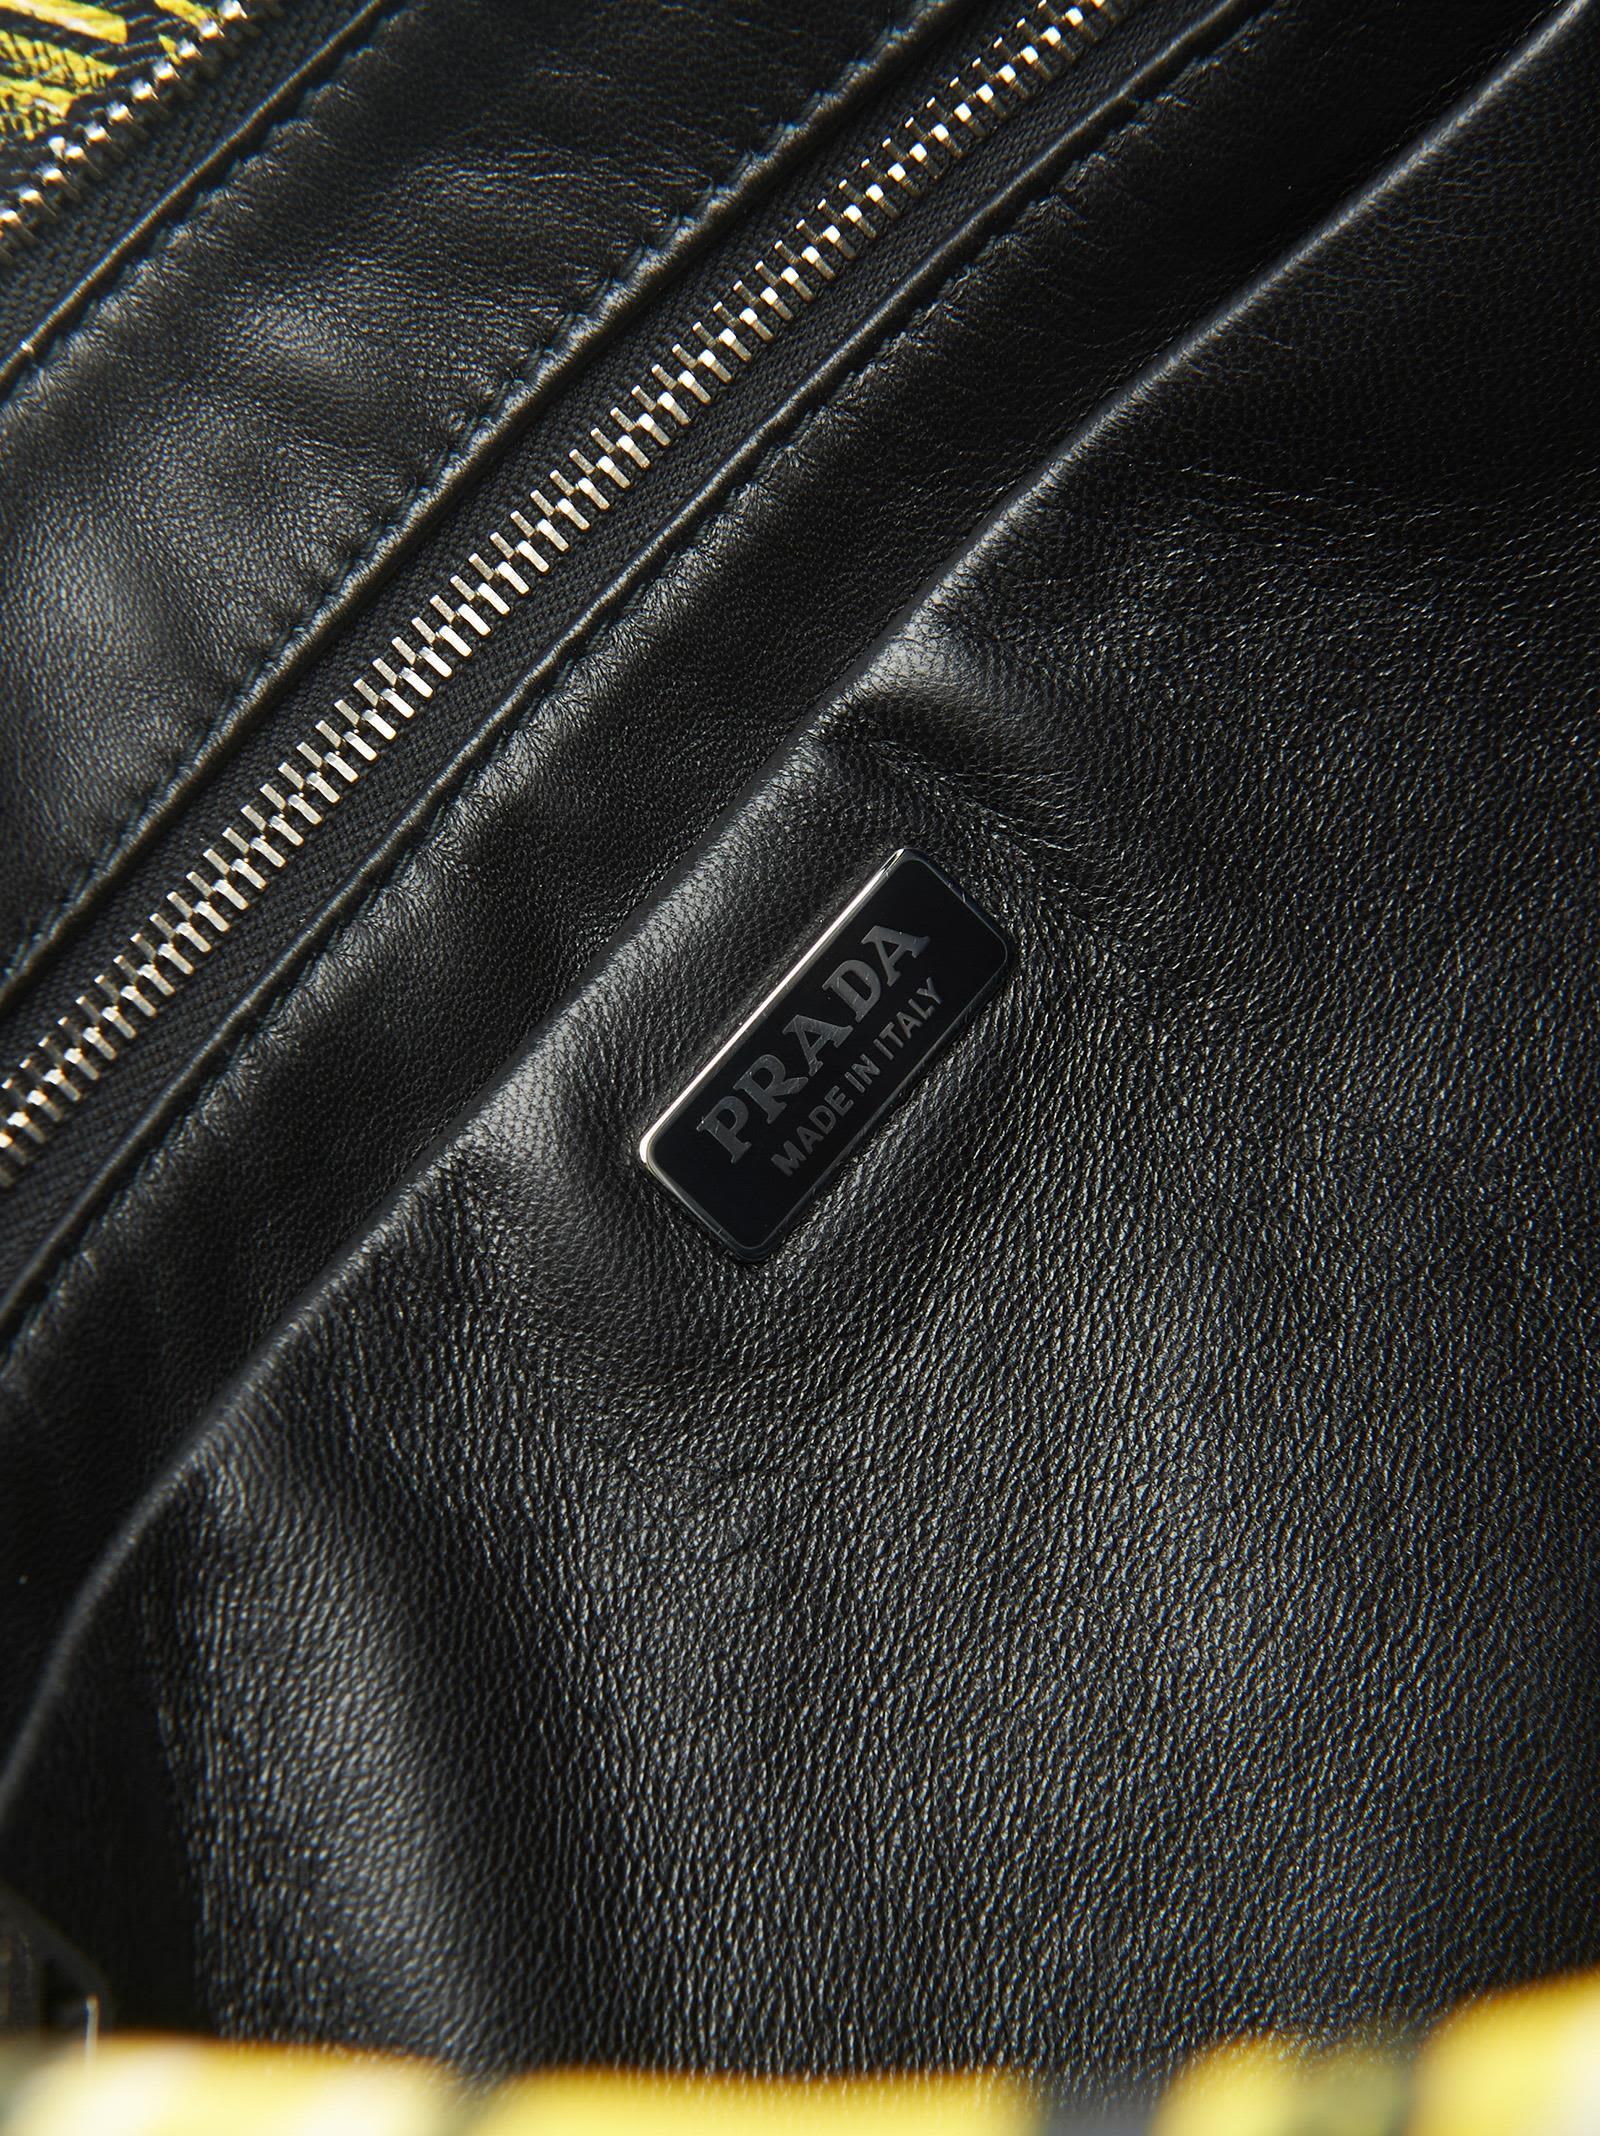 a351a1d56893 Prada Prada  etiquette  Bag - Multicolor - 10699719